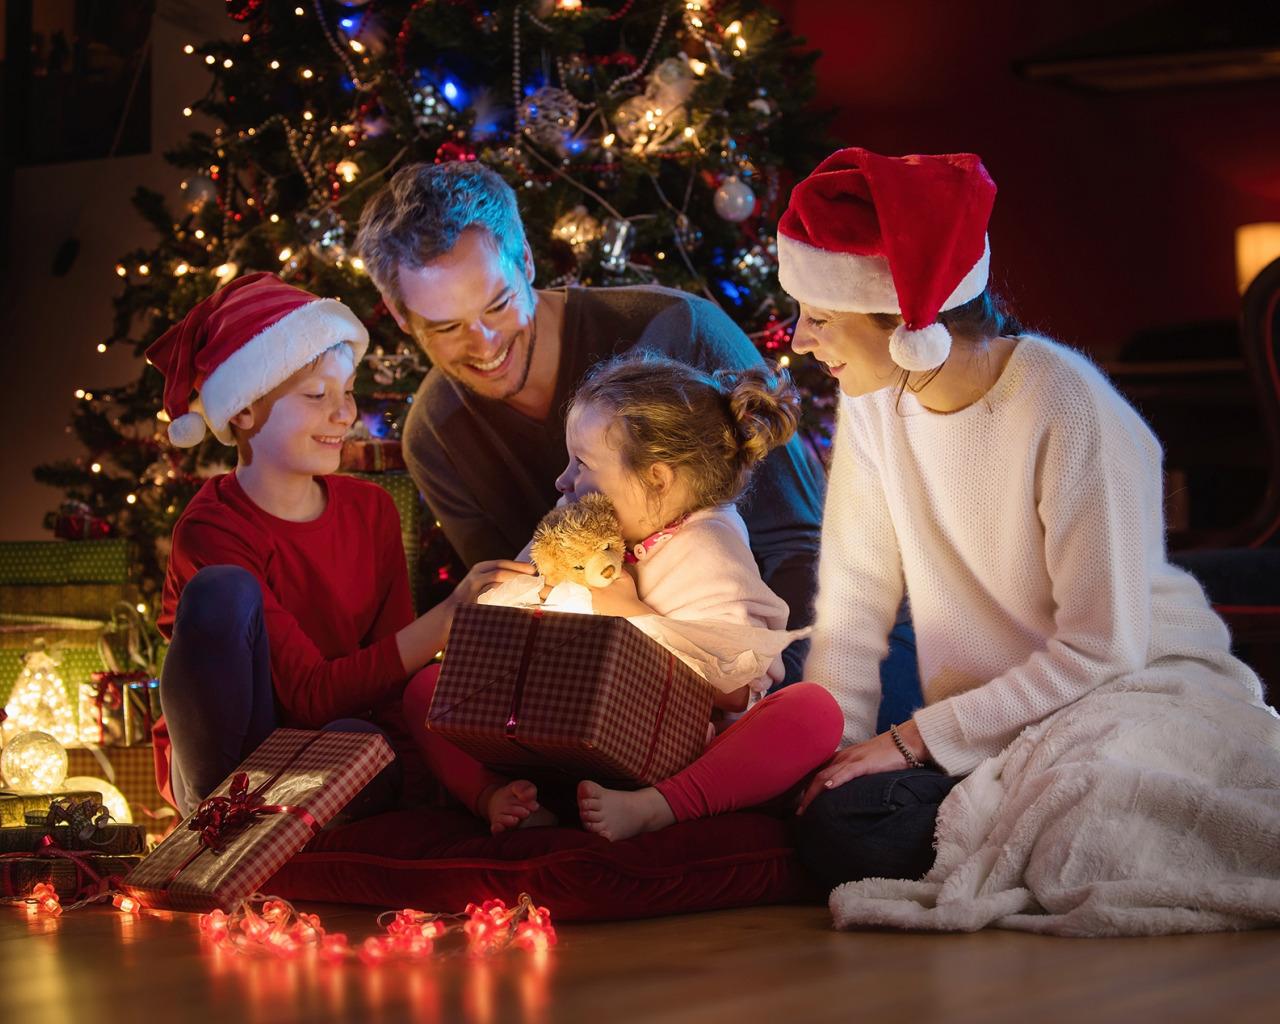 препарат, подарки всей семье картинки новый год почему